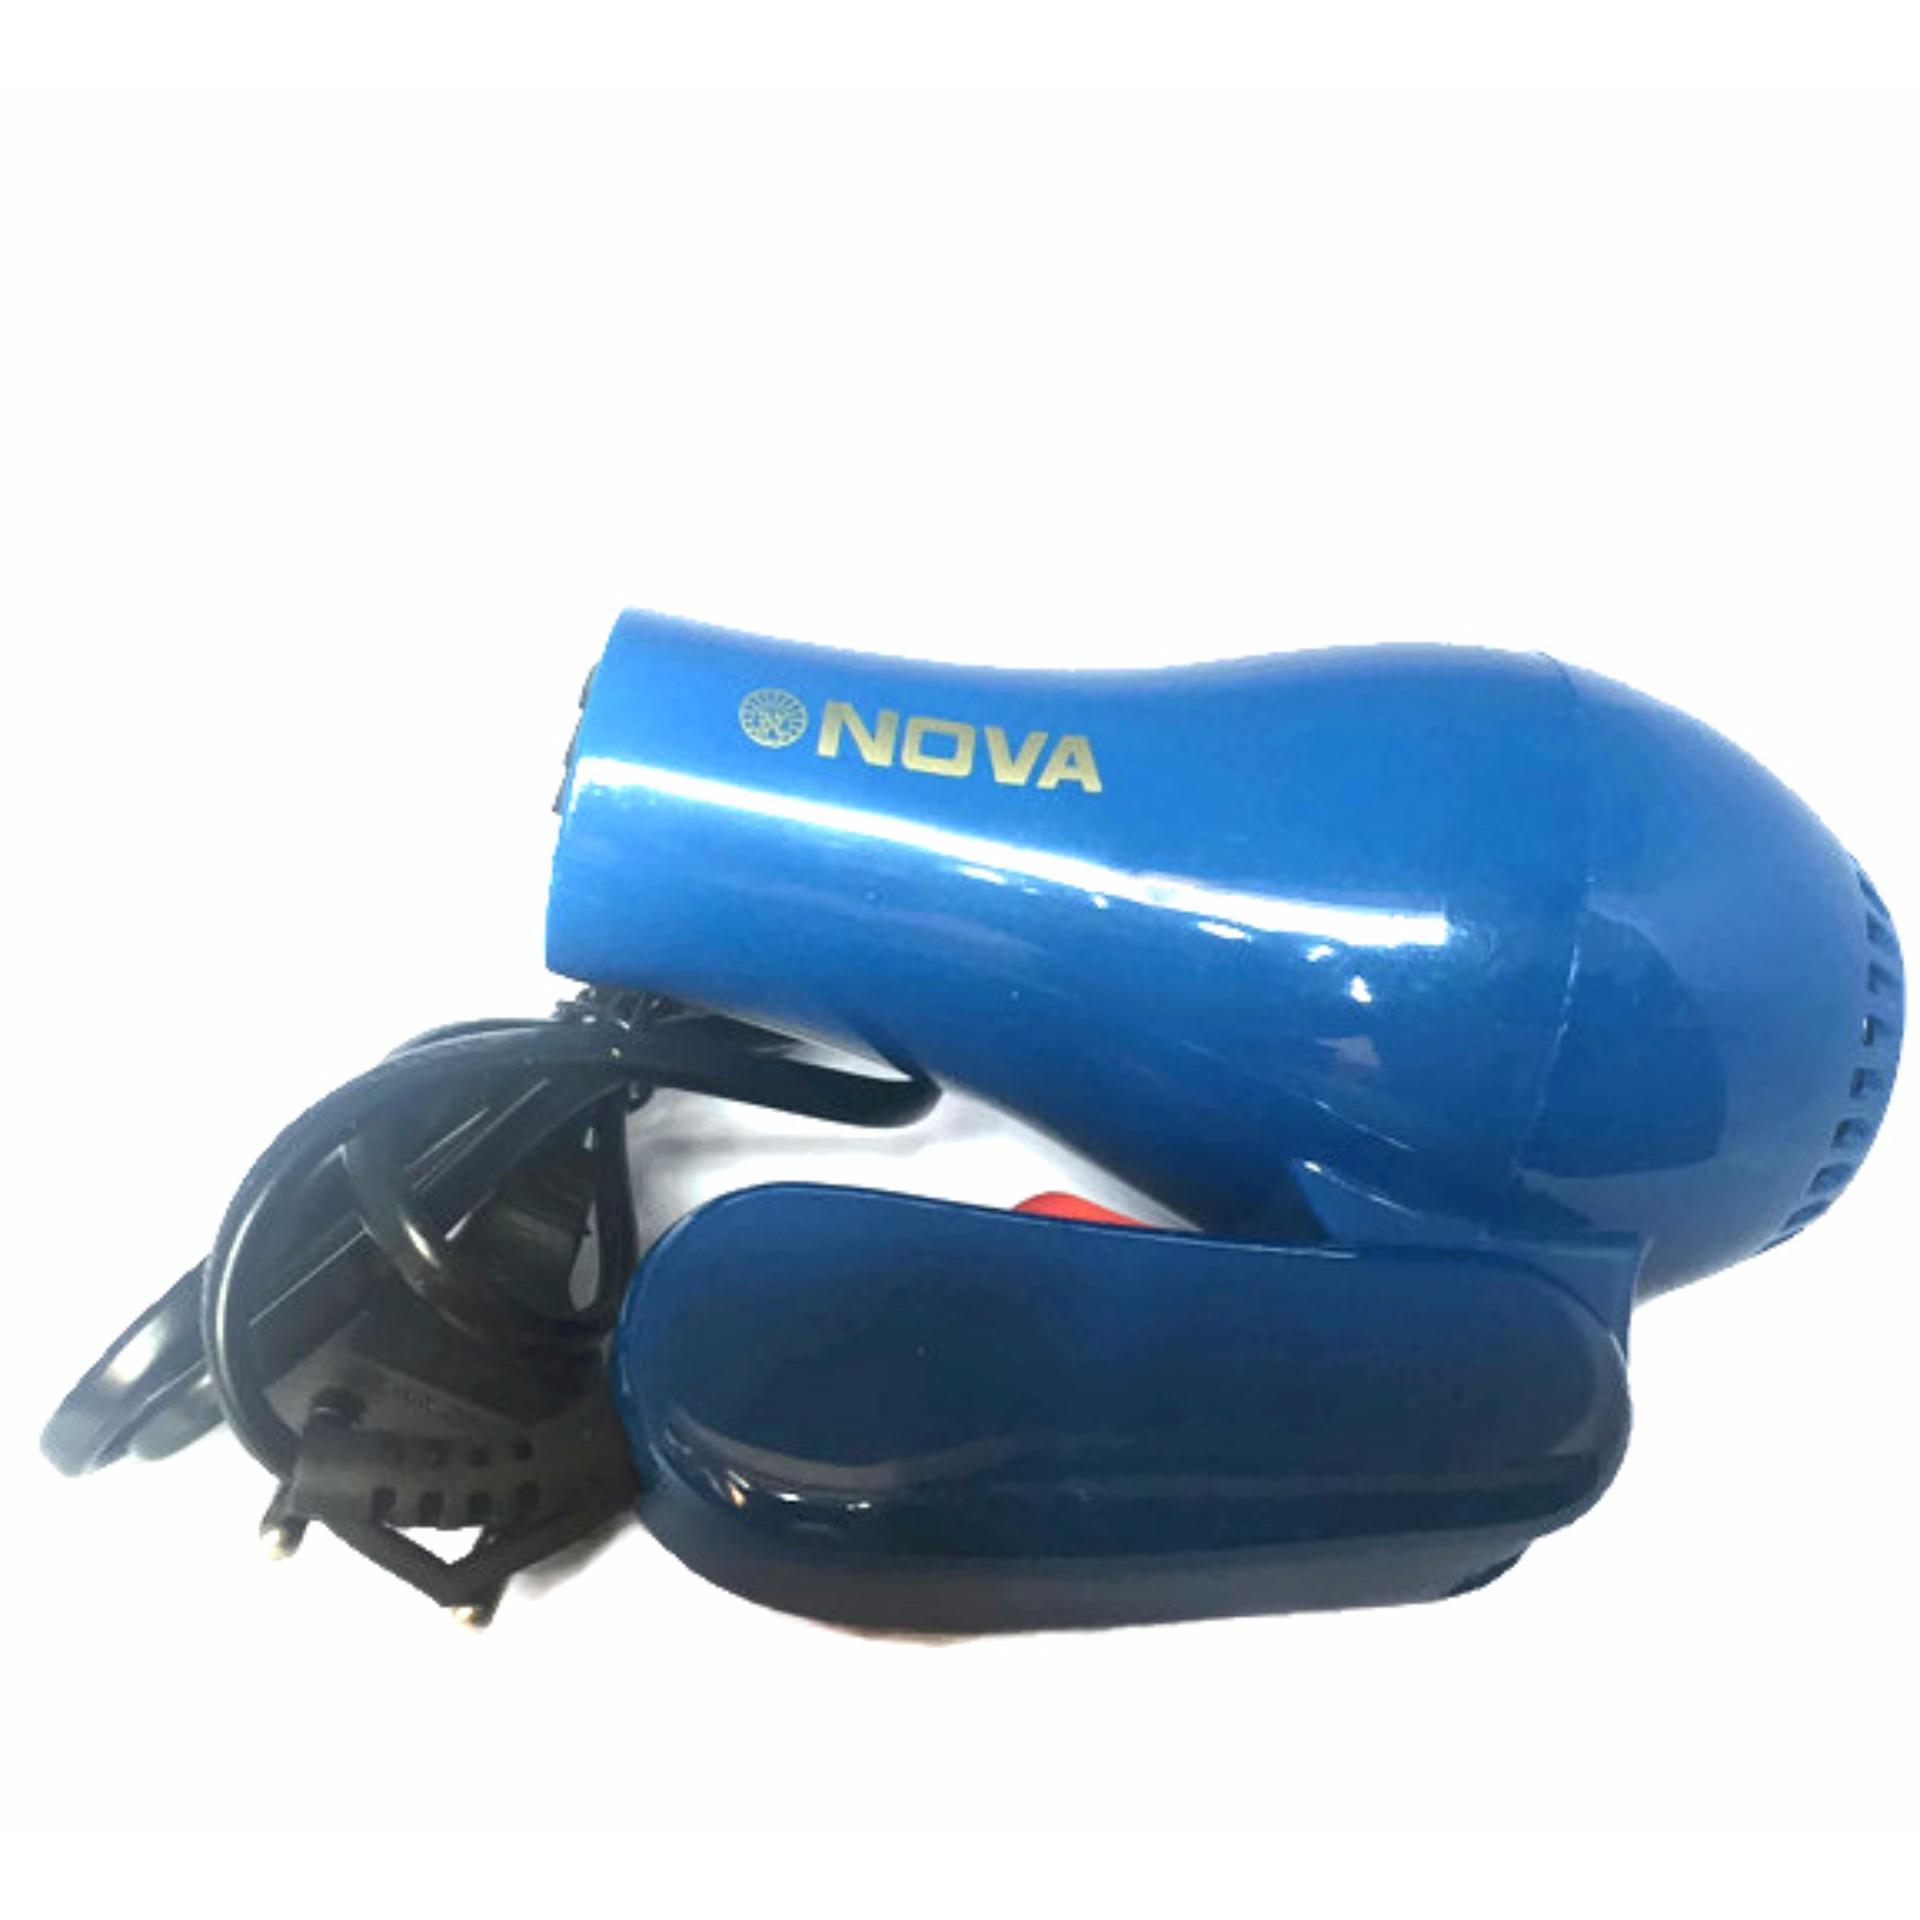 Kết quả hình ảnh cho Máy sấy tóc Nova 838